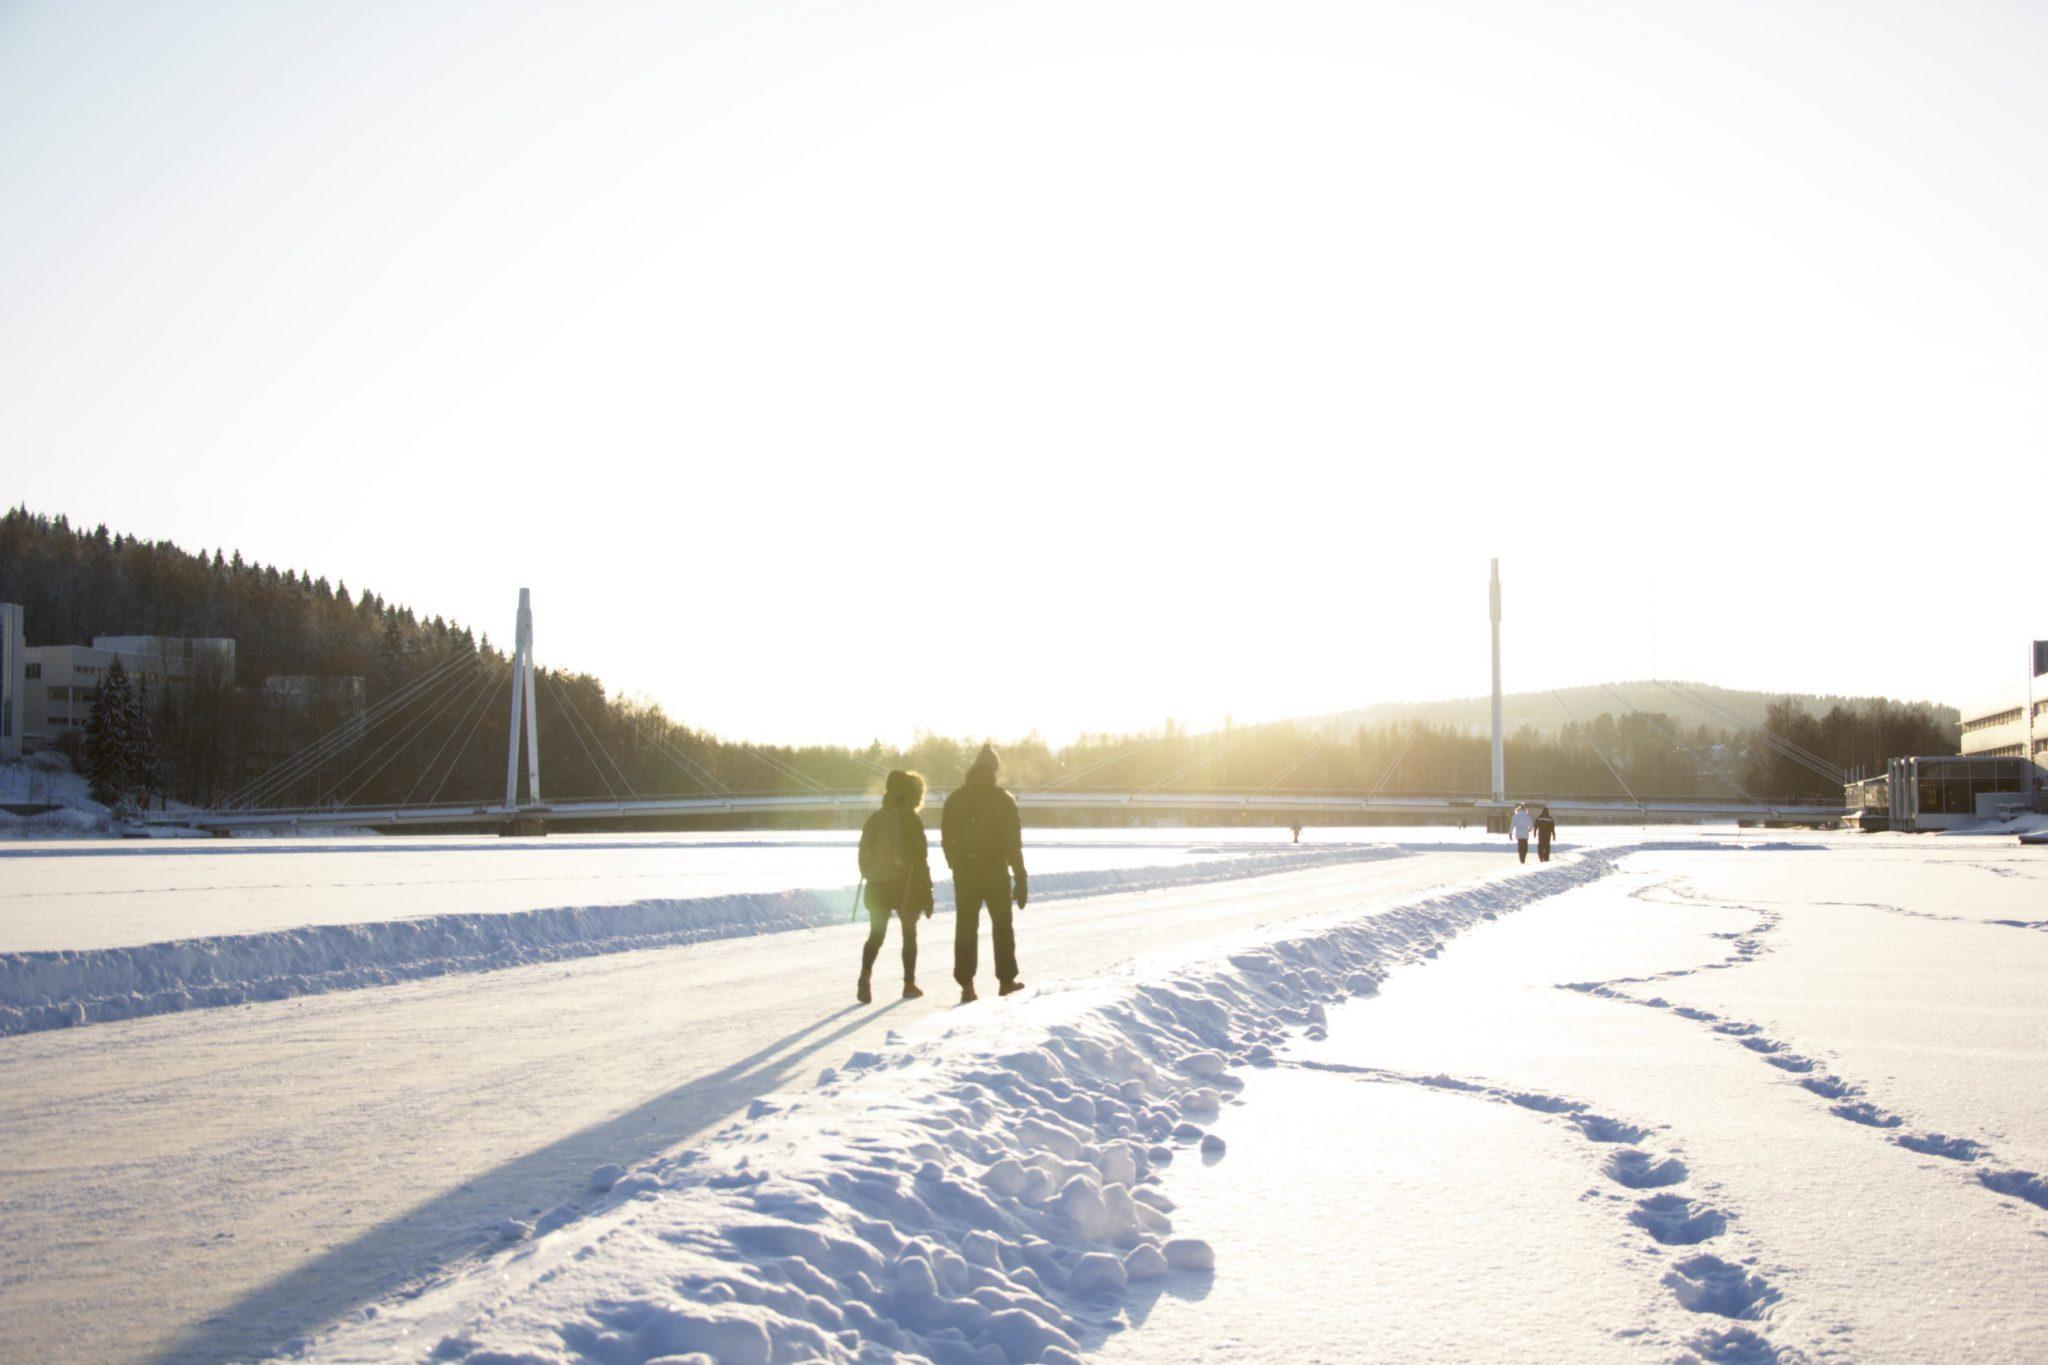 Jyväsjärvi, Mitä jyväskylässä voi tehdä